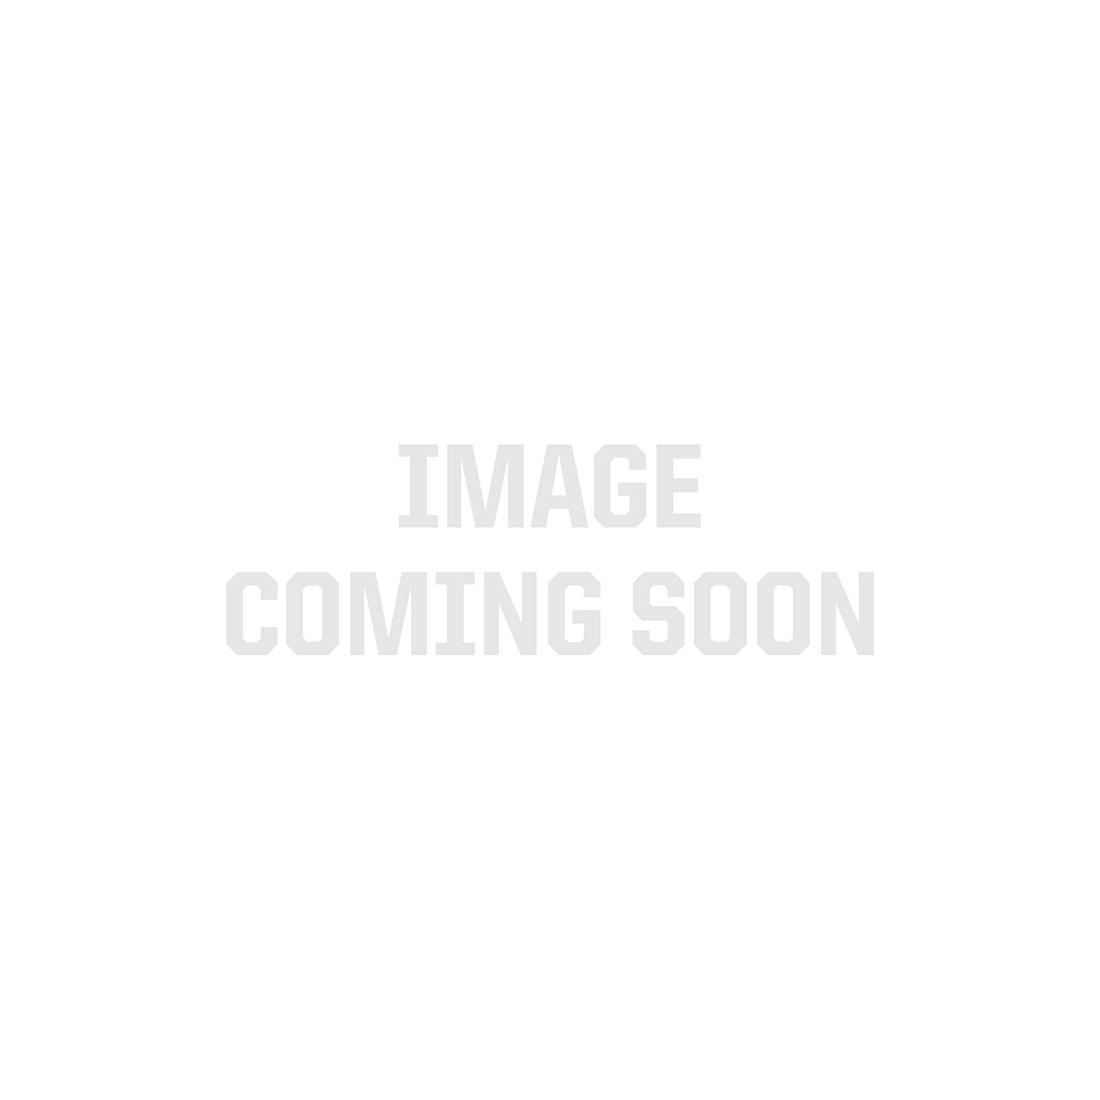 Neutral White 2835 LED Strip Light, 60/m, 5mm wide, Sample Kit